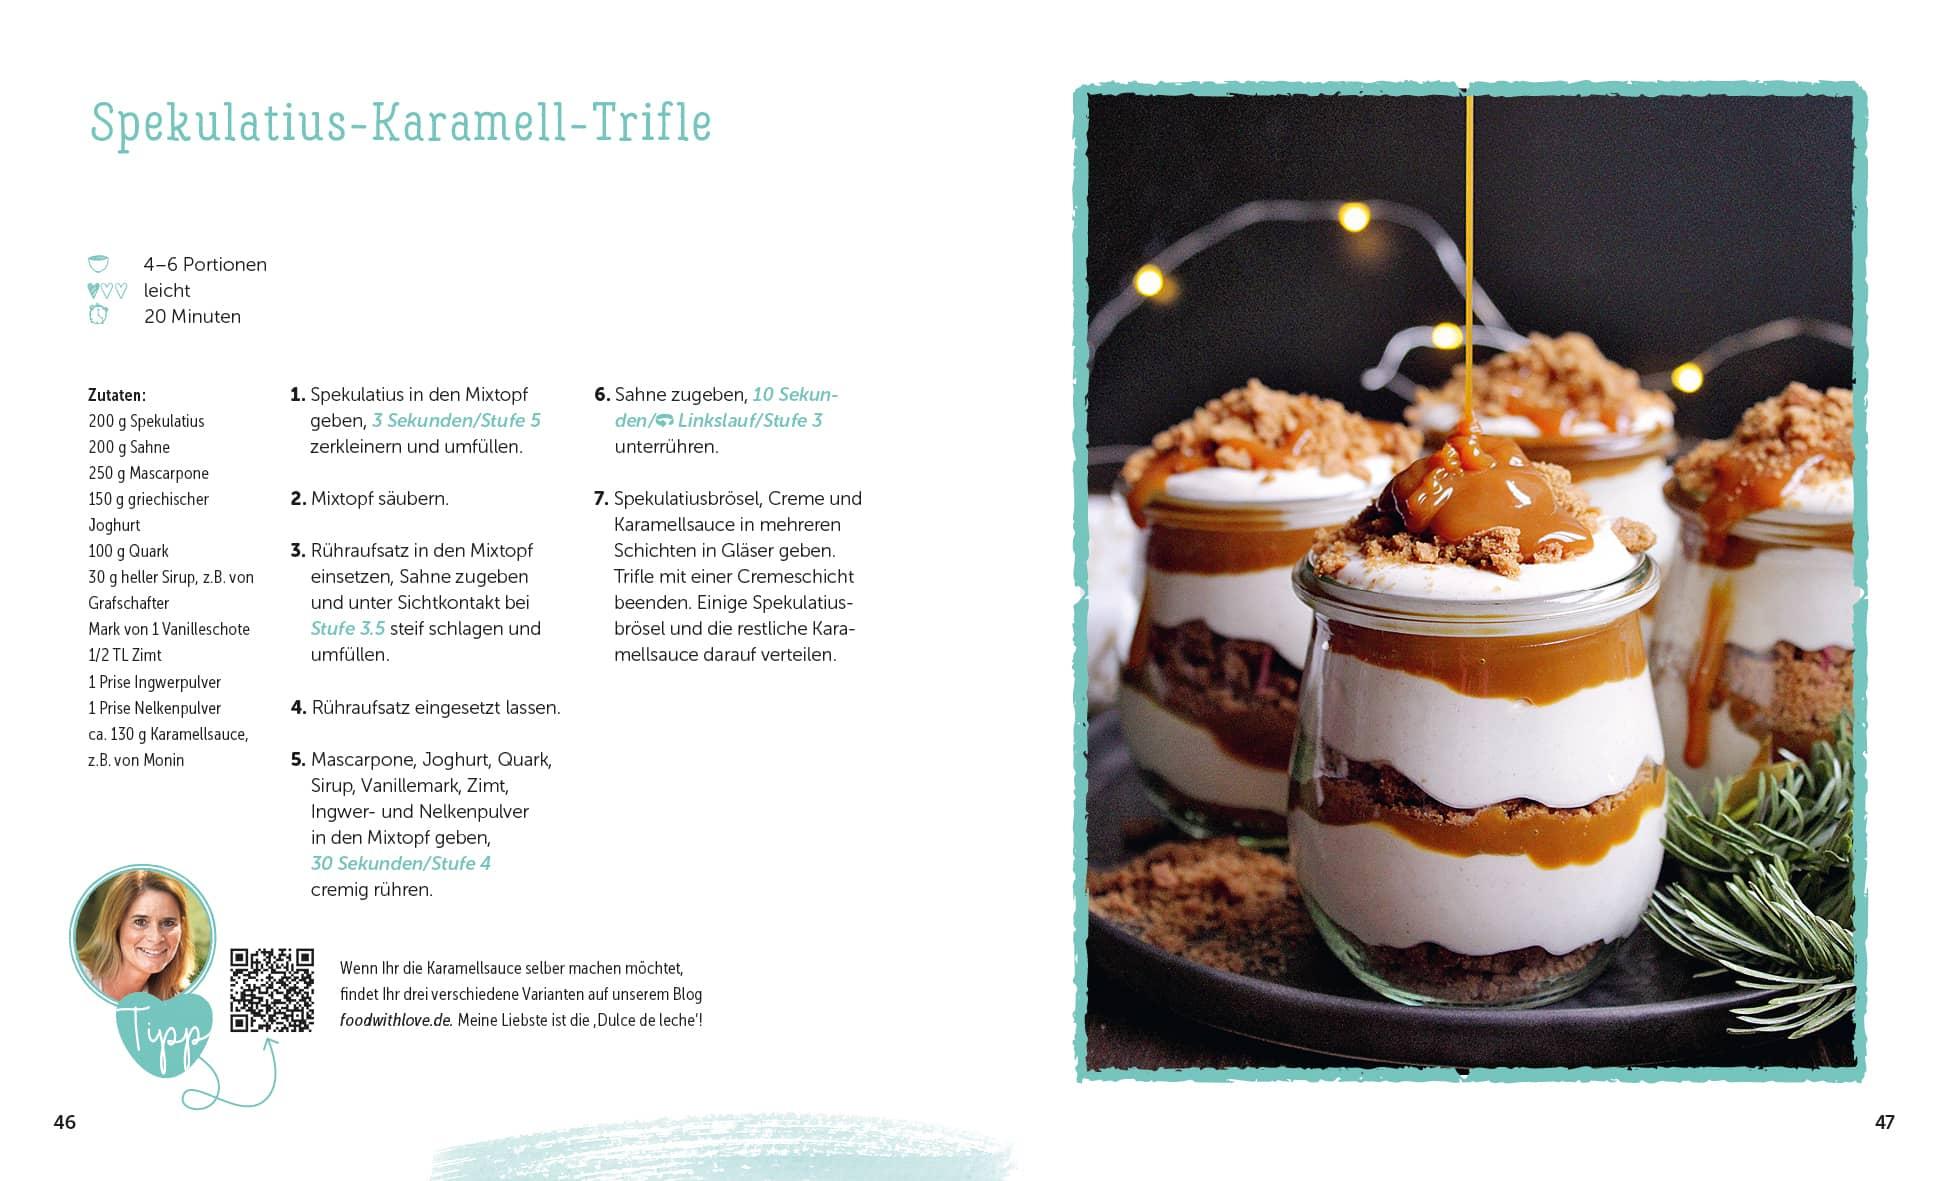 Sommerküche Food With Love : Food with love himmlische desserts rezepte mit dem thermomix